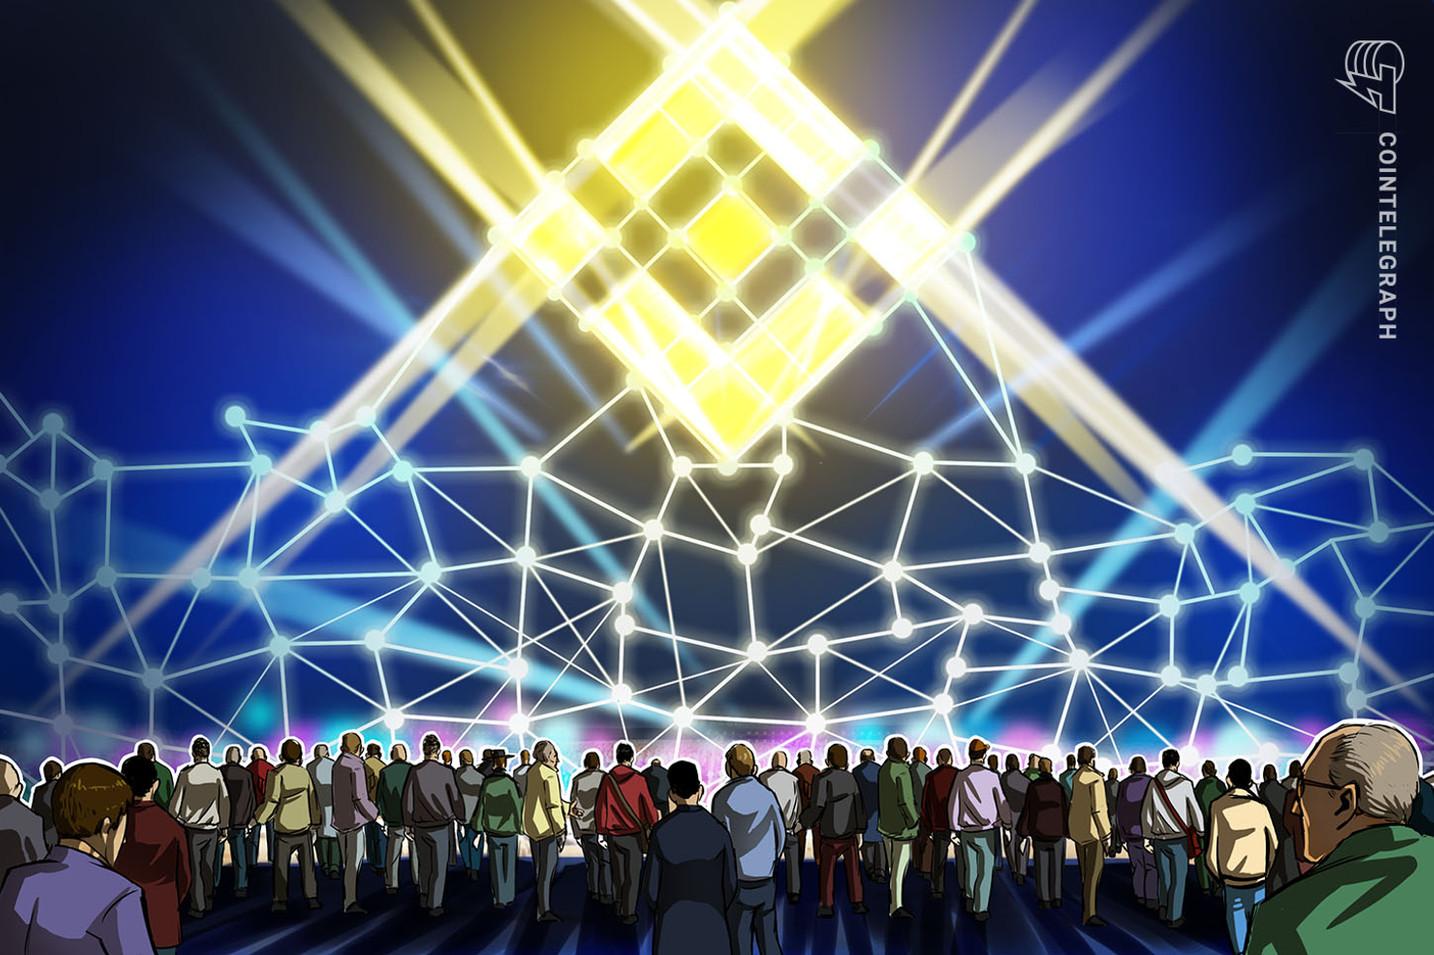 バイナンス、180ヵ国でVISAカードによる仮想通貨購入が可能に